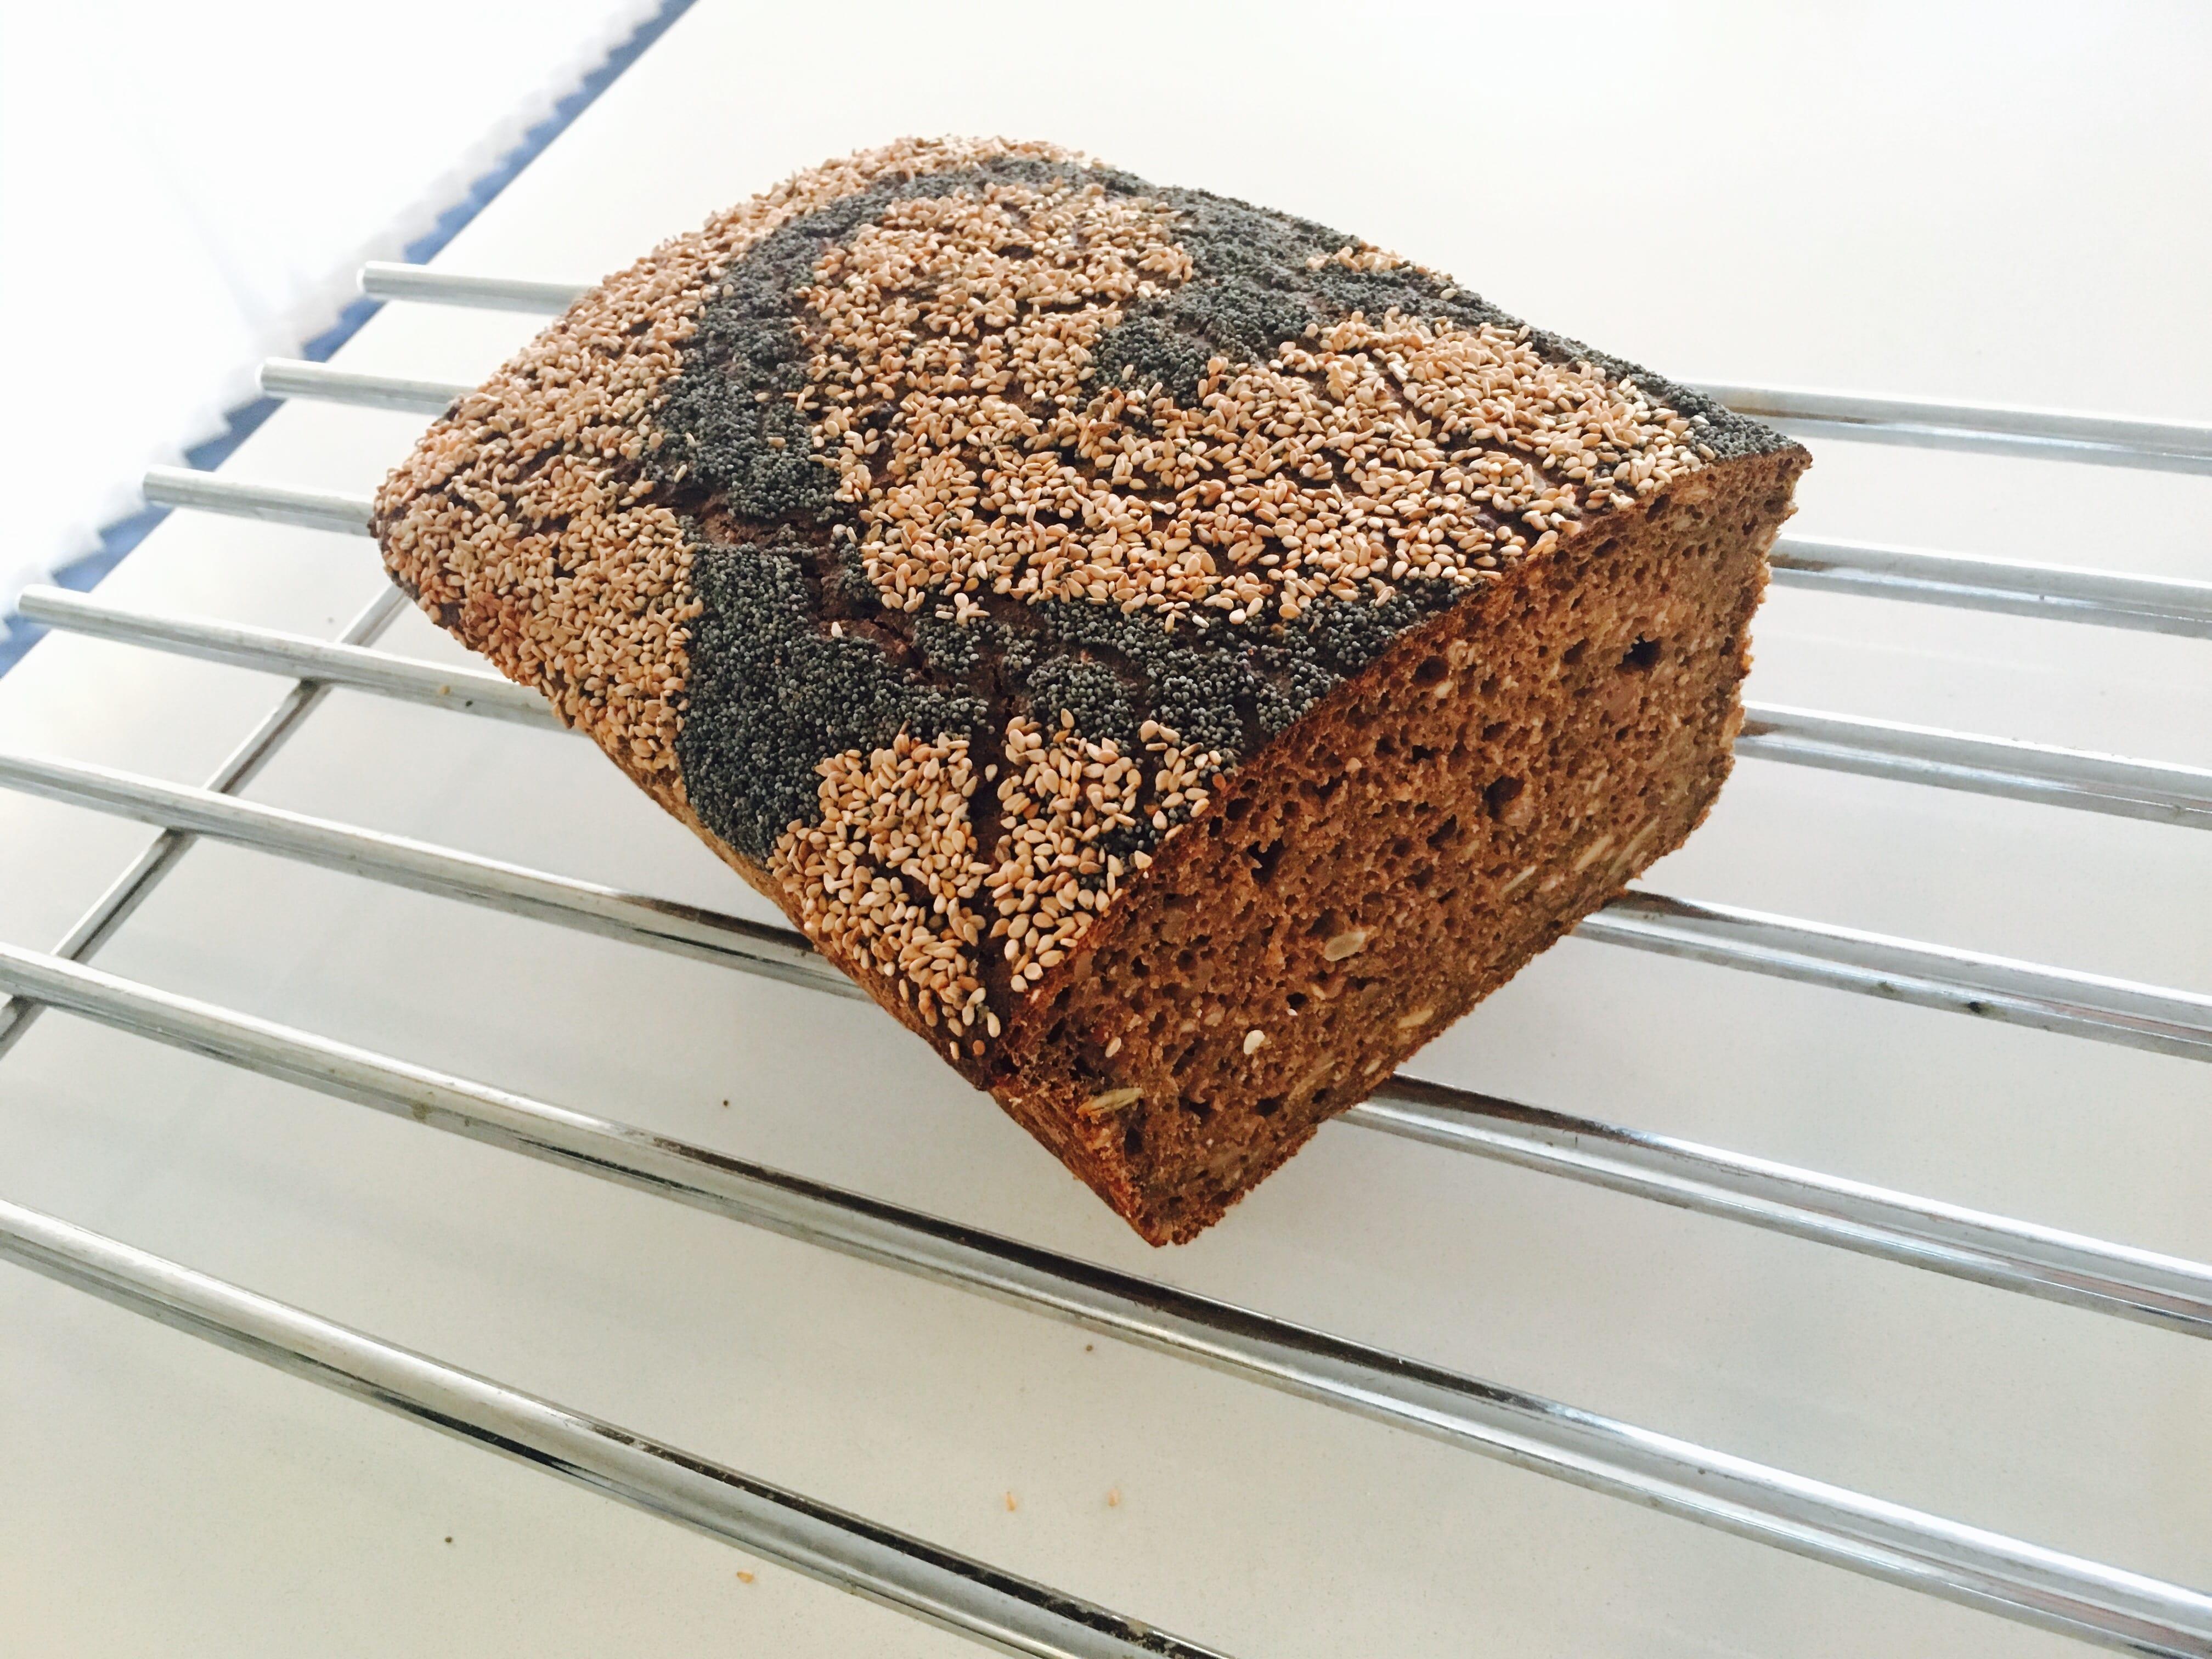 Hjemmelavet rugbrød opskrift sådan laver du hvordan laver man rugbrød surdej rugsurdej kerner til rugbørd